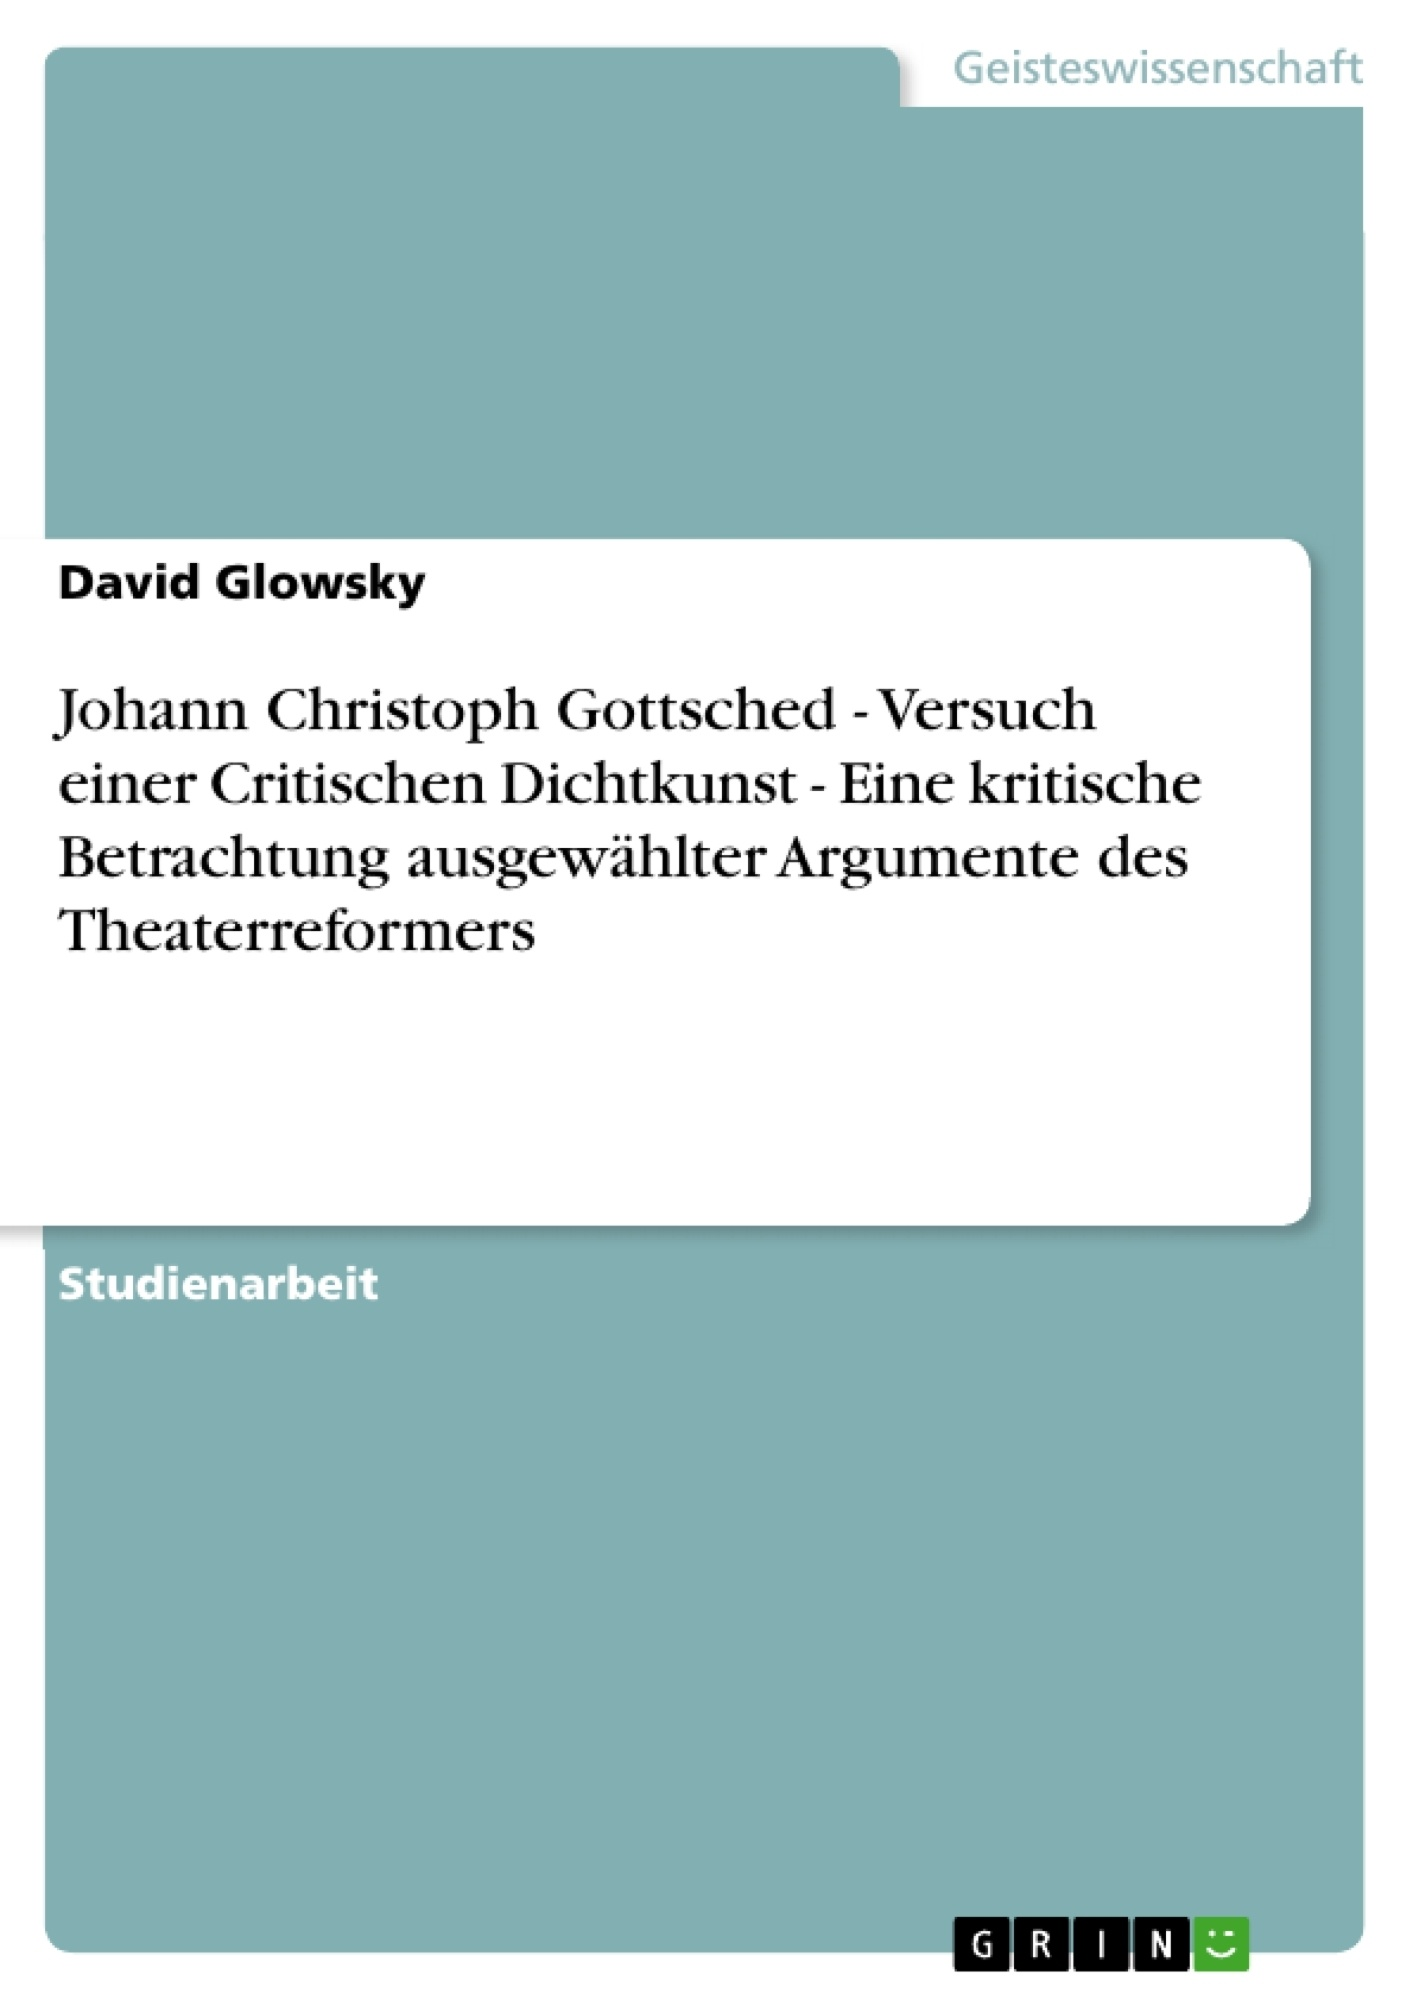 Titel: Johann Christoph Gottsched - Versuch einer Critischen Dichtkunst - Eine kritische Betrachtung ausgewählter Argumente des Theaterreformers